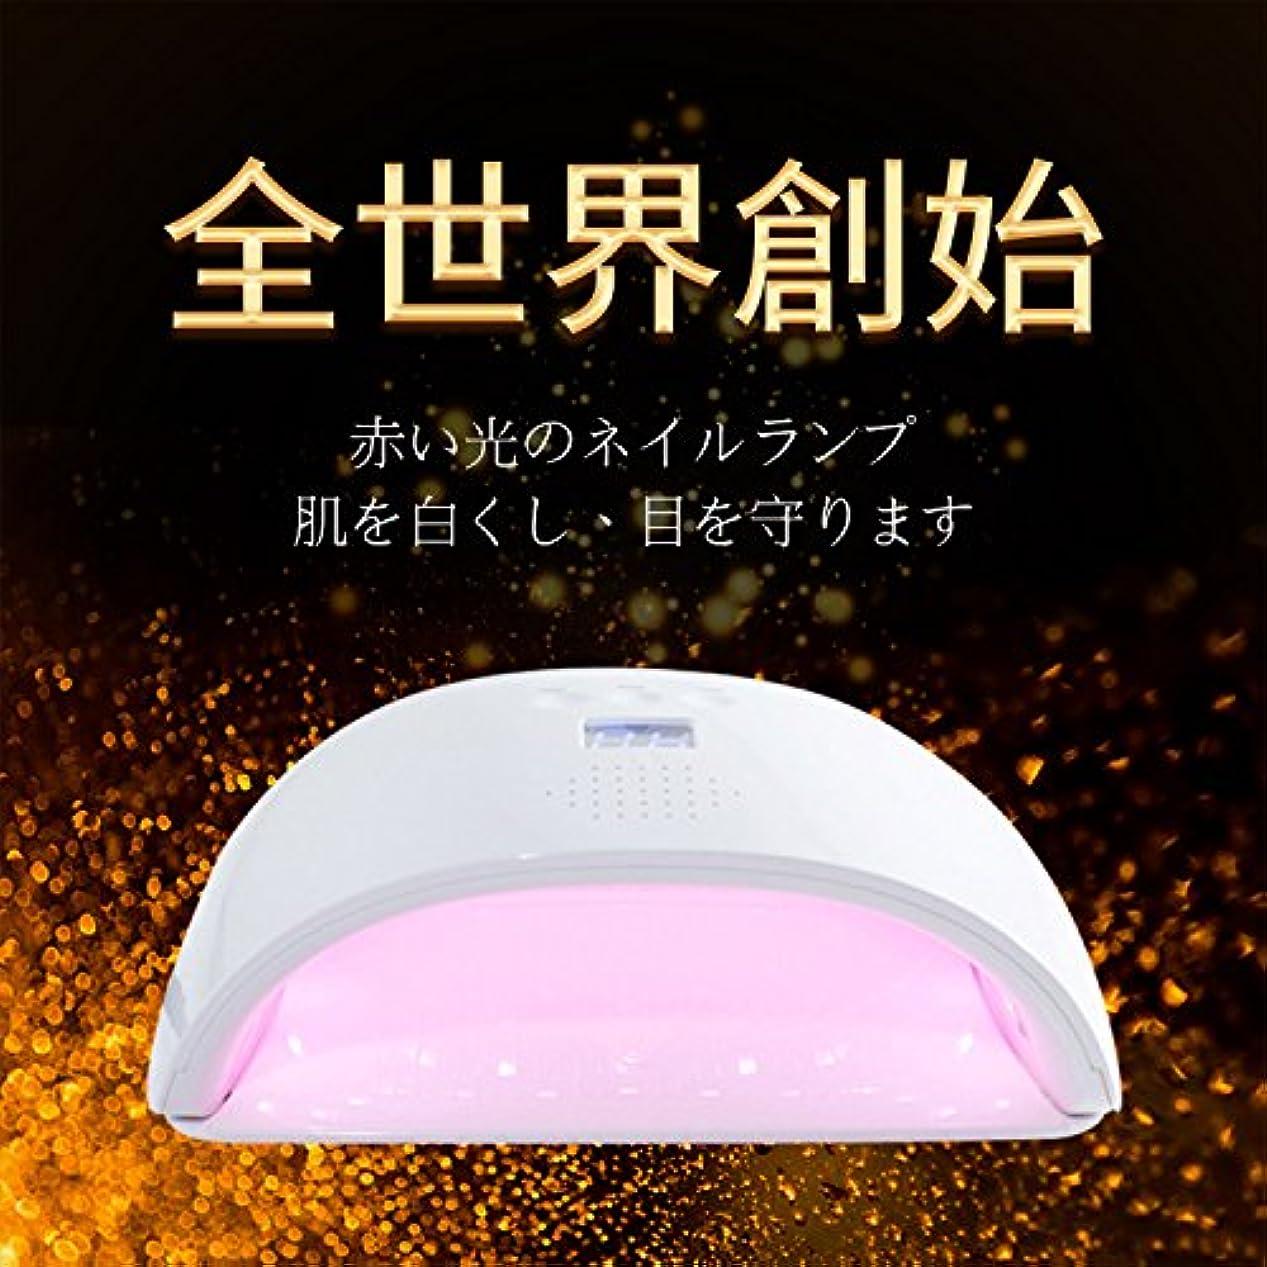 膨らみコンテンツパンチHalicer 48W UV LED ネイルドライヤー 人感センサー 自動オンオフ 30S/60S/90Sタイマー設定 取り外し式 手と足両用 22粒UV LDEダブルライト